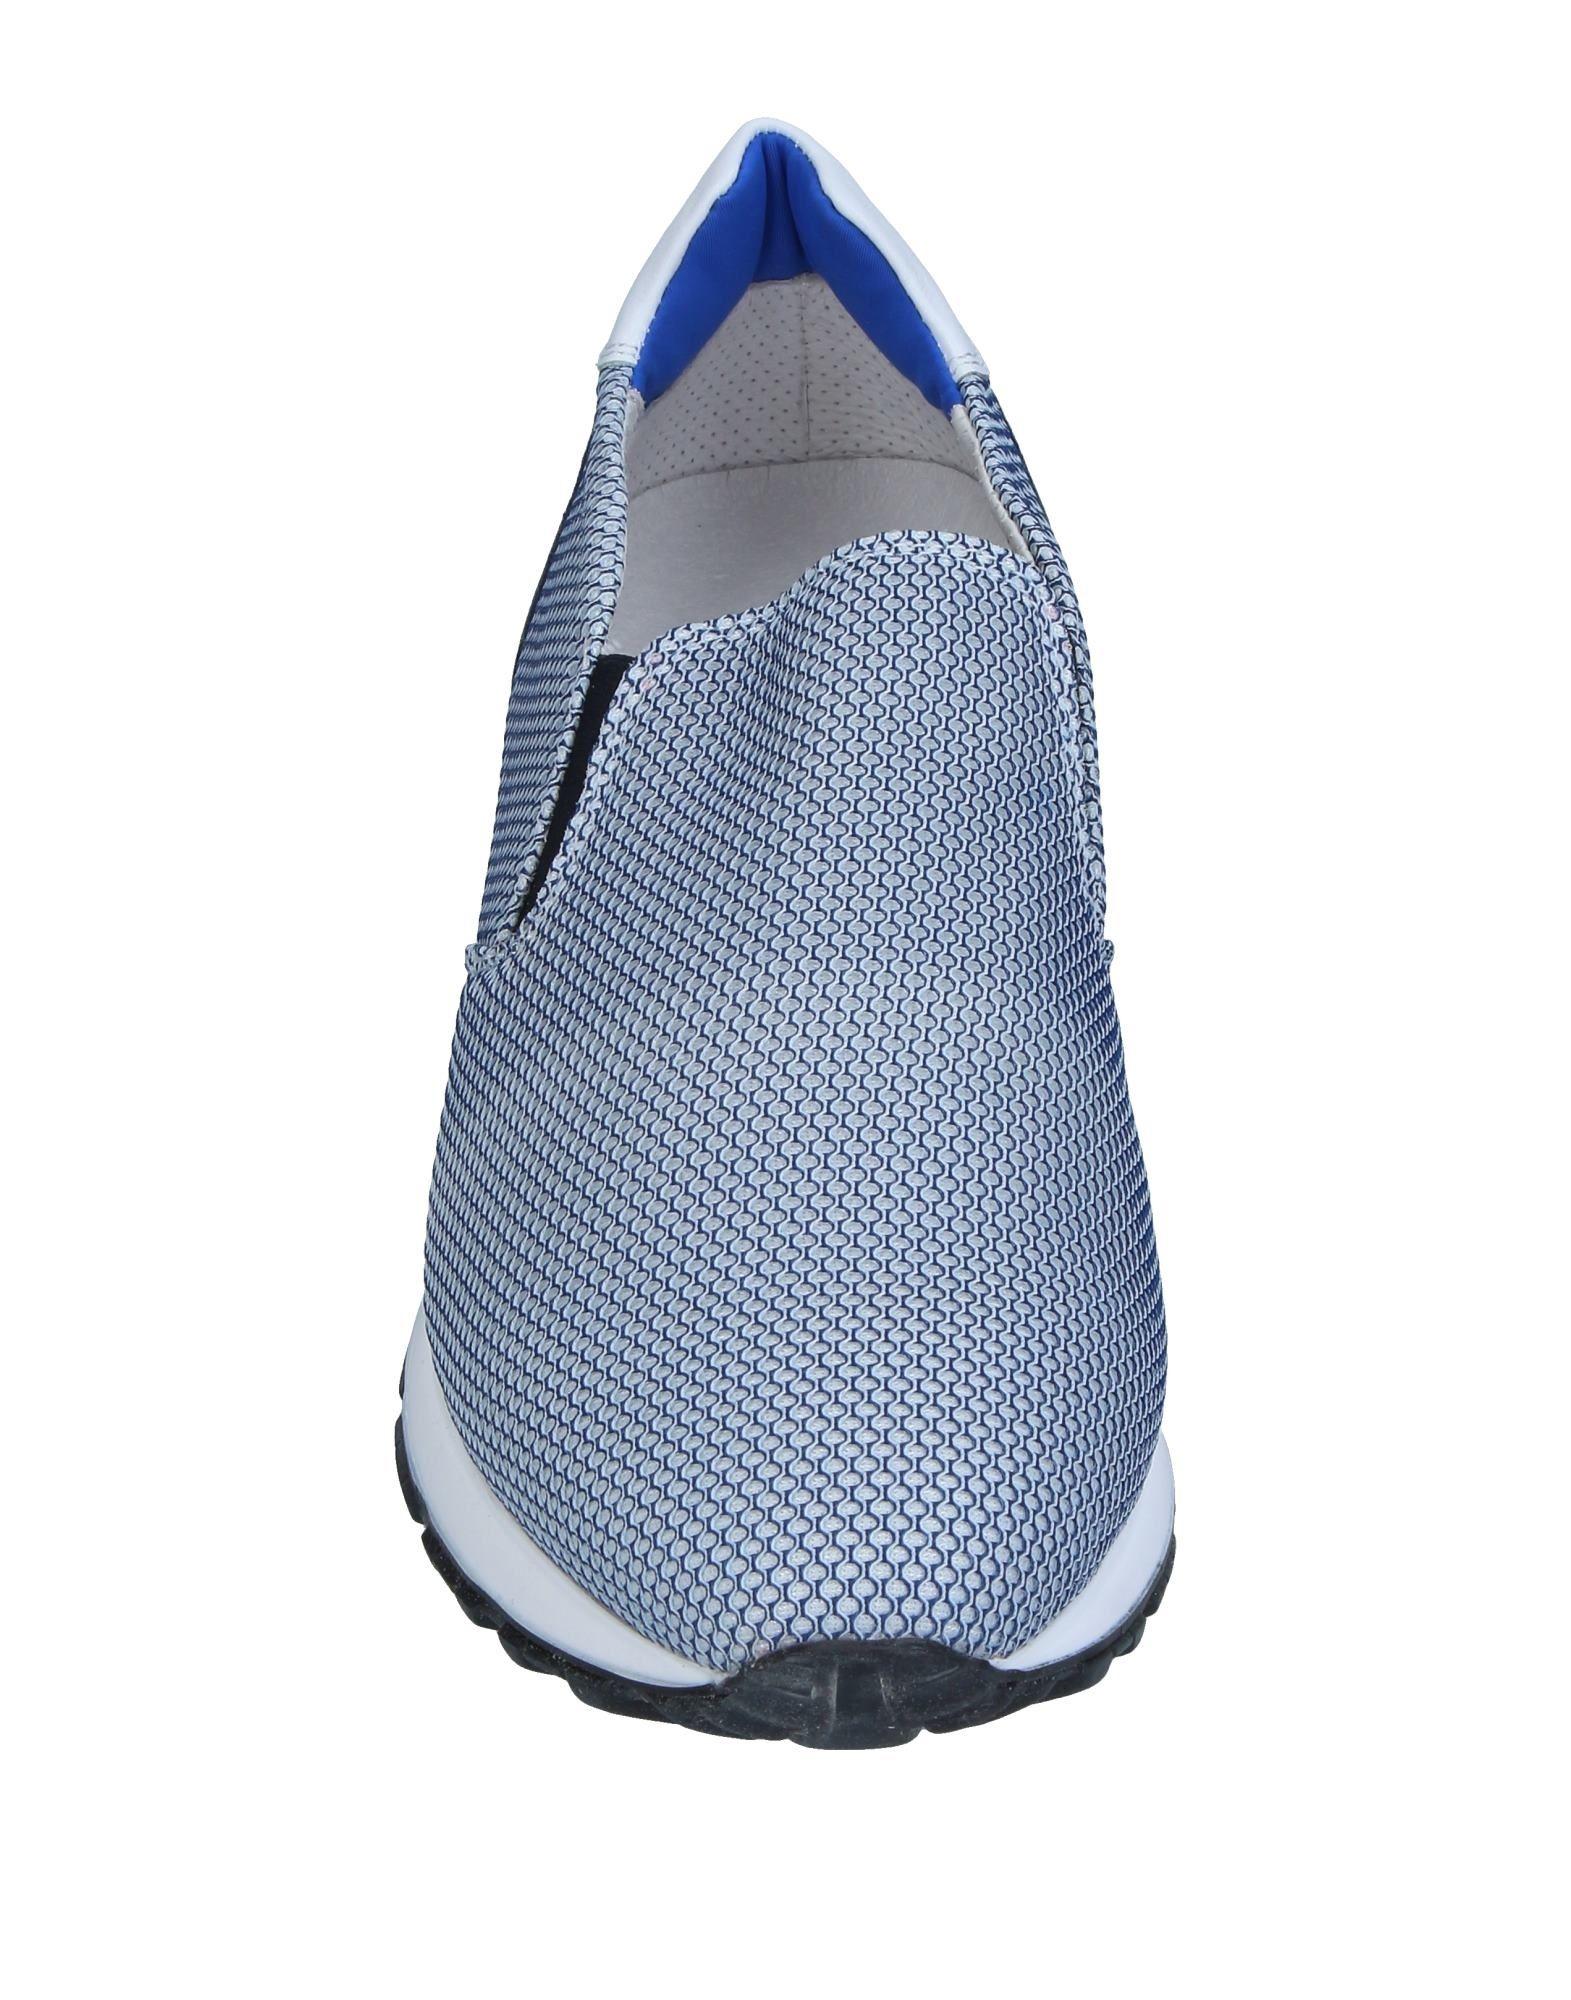 Rabatt echte Schuhe Turnschuhes Andrea Morelli Turnschuhes Schuhe Herren 11320756WC a16c60